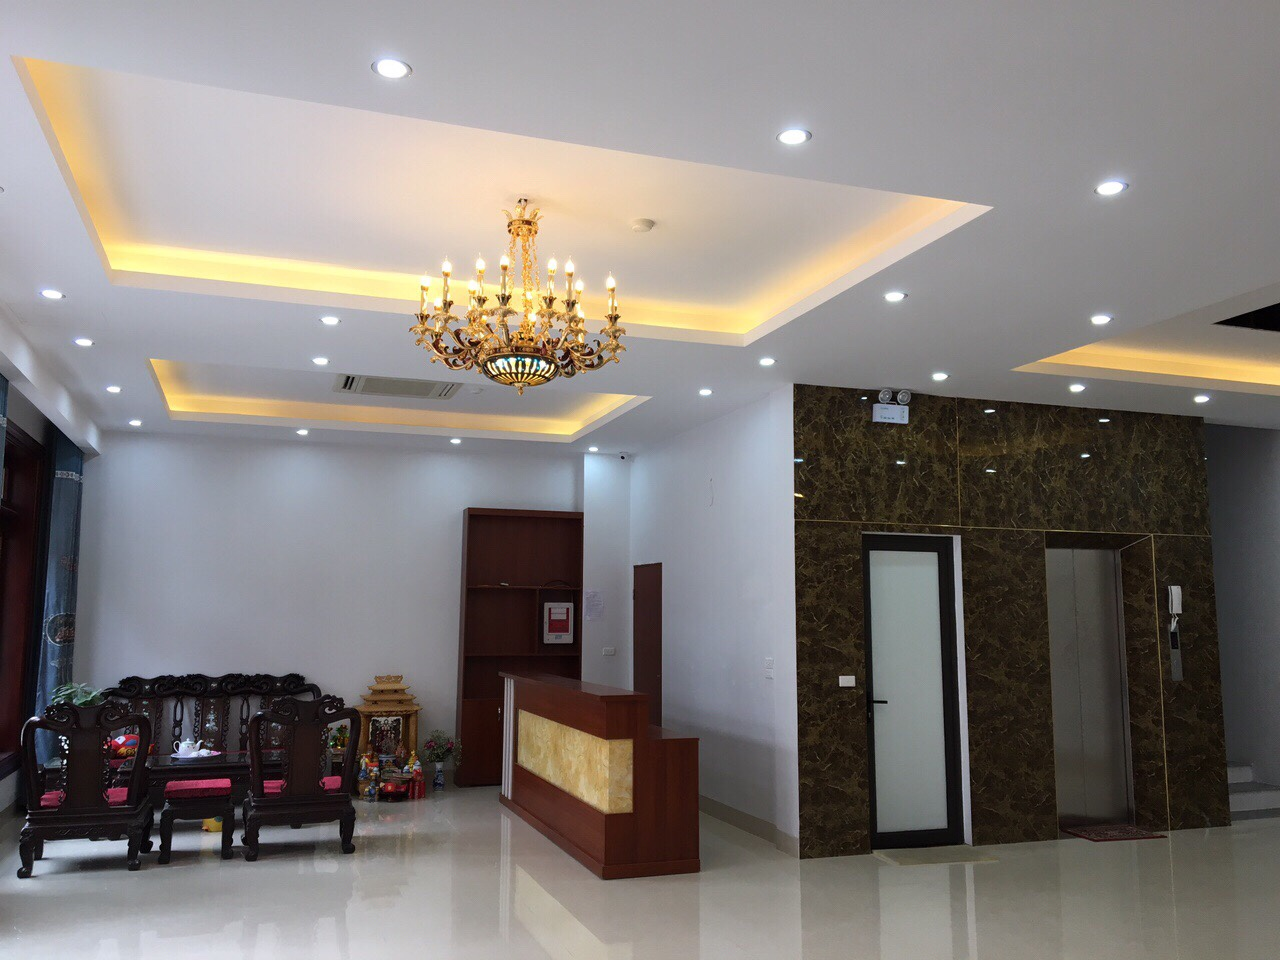 Cho thuê nhà 6 tầng đường Lý Quốc Sư, phường Võ Cường, TP. Bắc Ninh